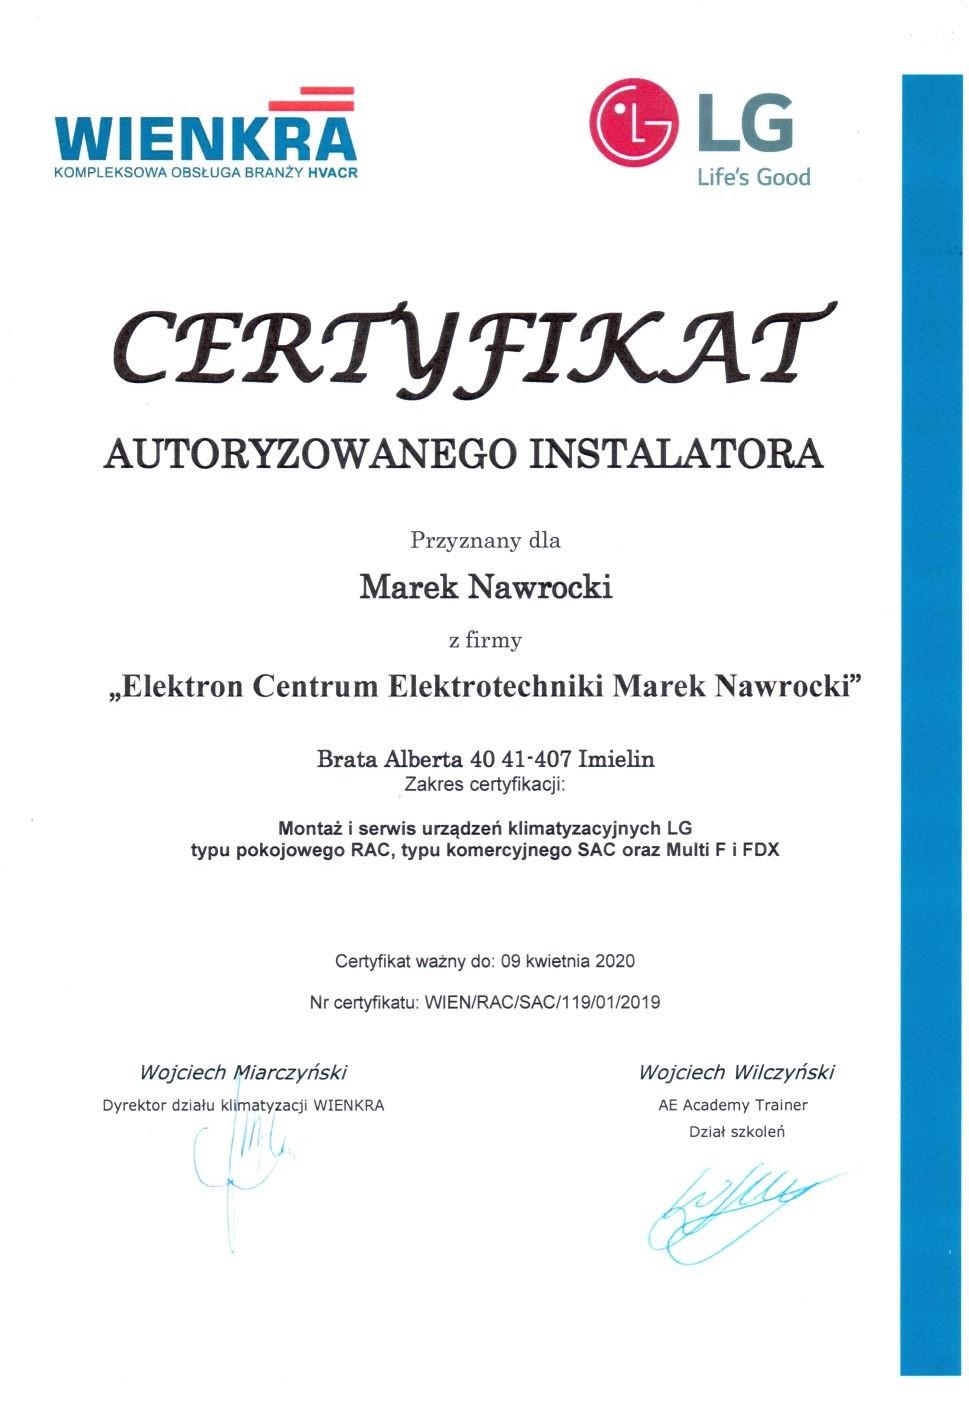 Certyfikat dla ECE Elektron Centrum Elektrotechniki urządzenia klimatyzacyjne LG